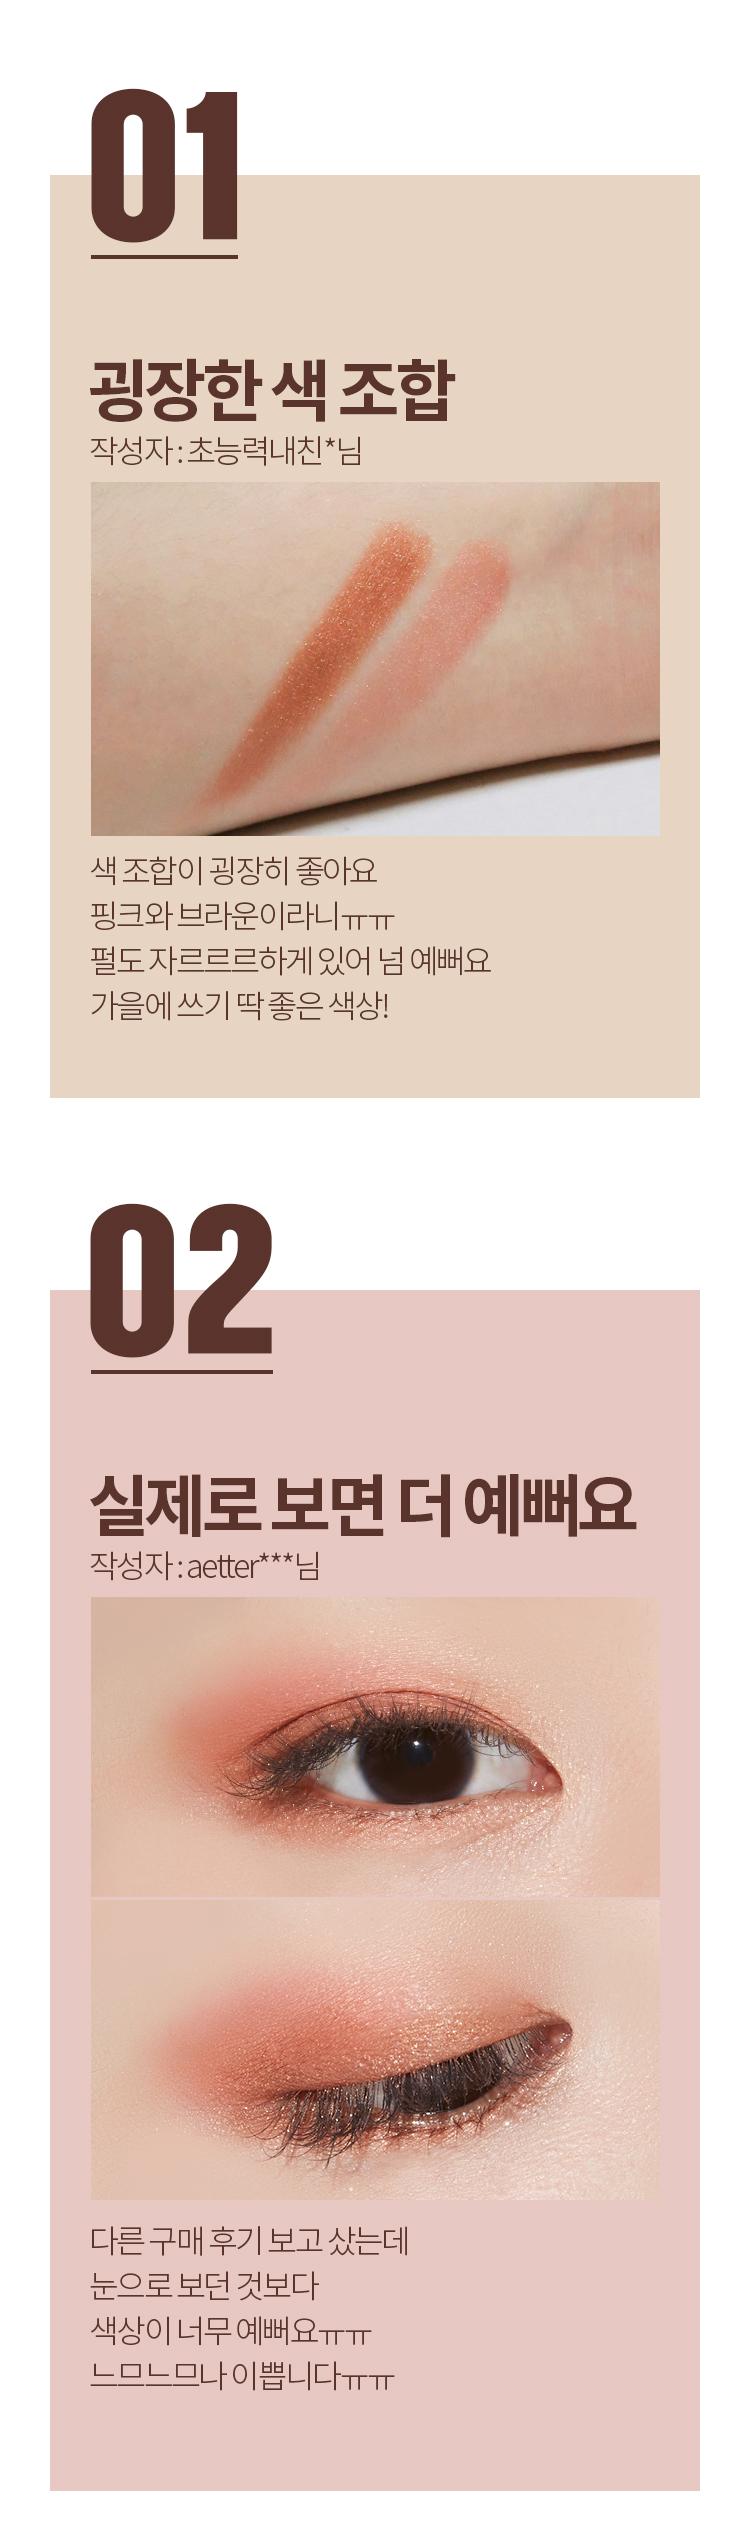 0924로맨틱쉐이드후기_04.jpg